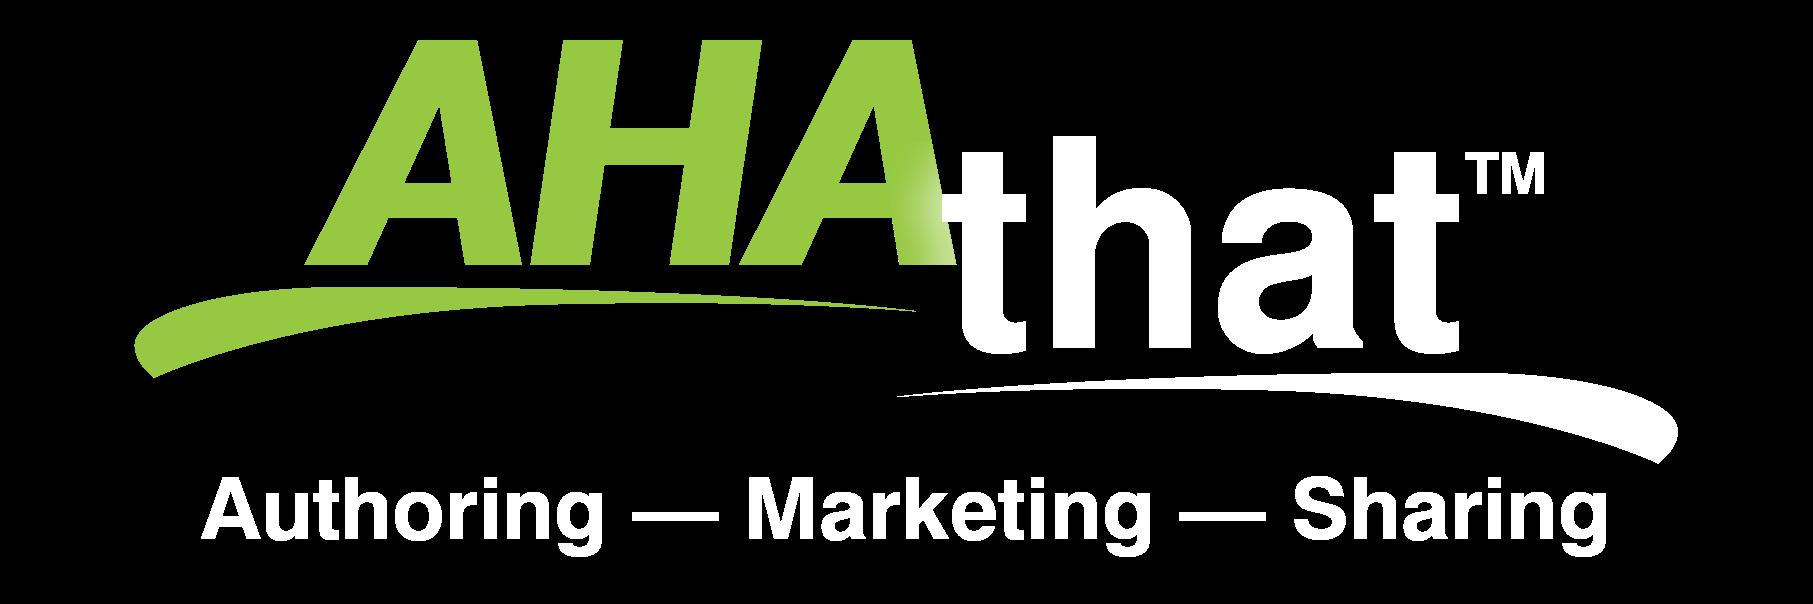 AHAthat